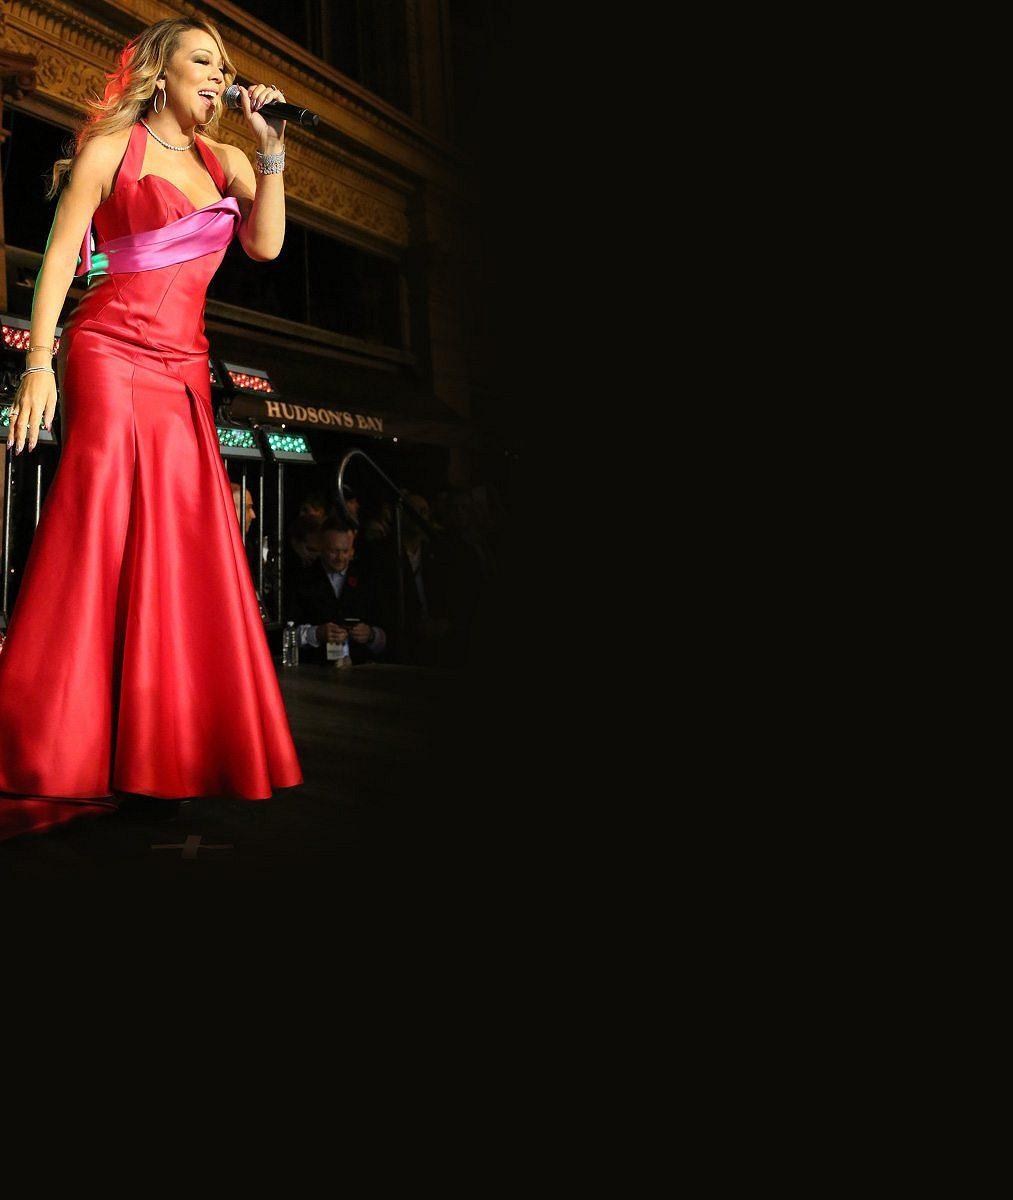 Miliardáře nepotřebuje: Známá zpěvačka vystoupila před obchoďákem. Jedna píseň vyšla na 12 miliónů